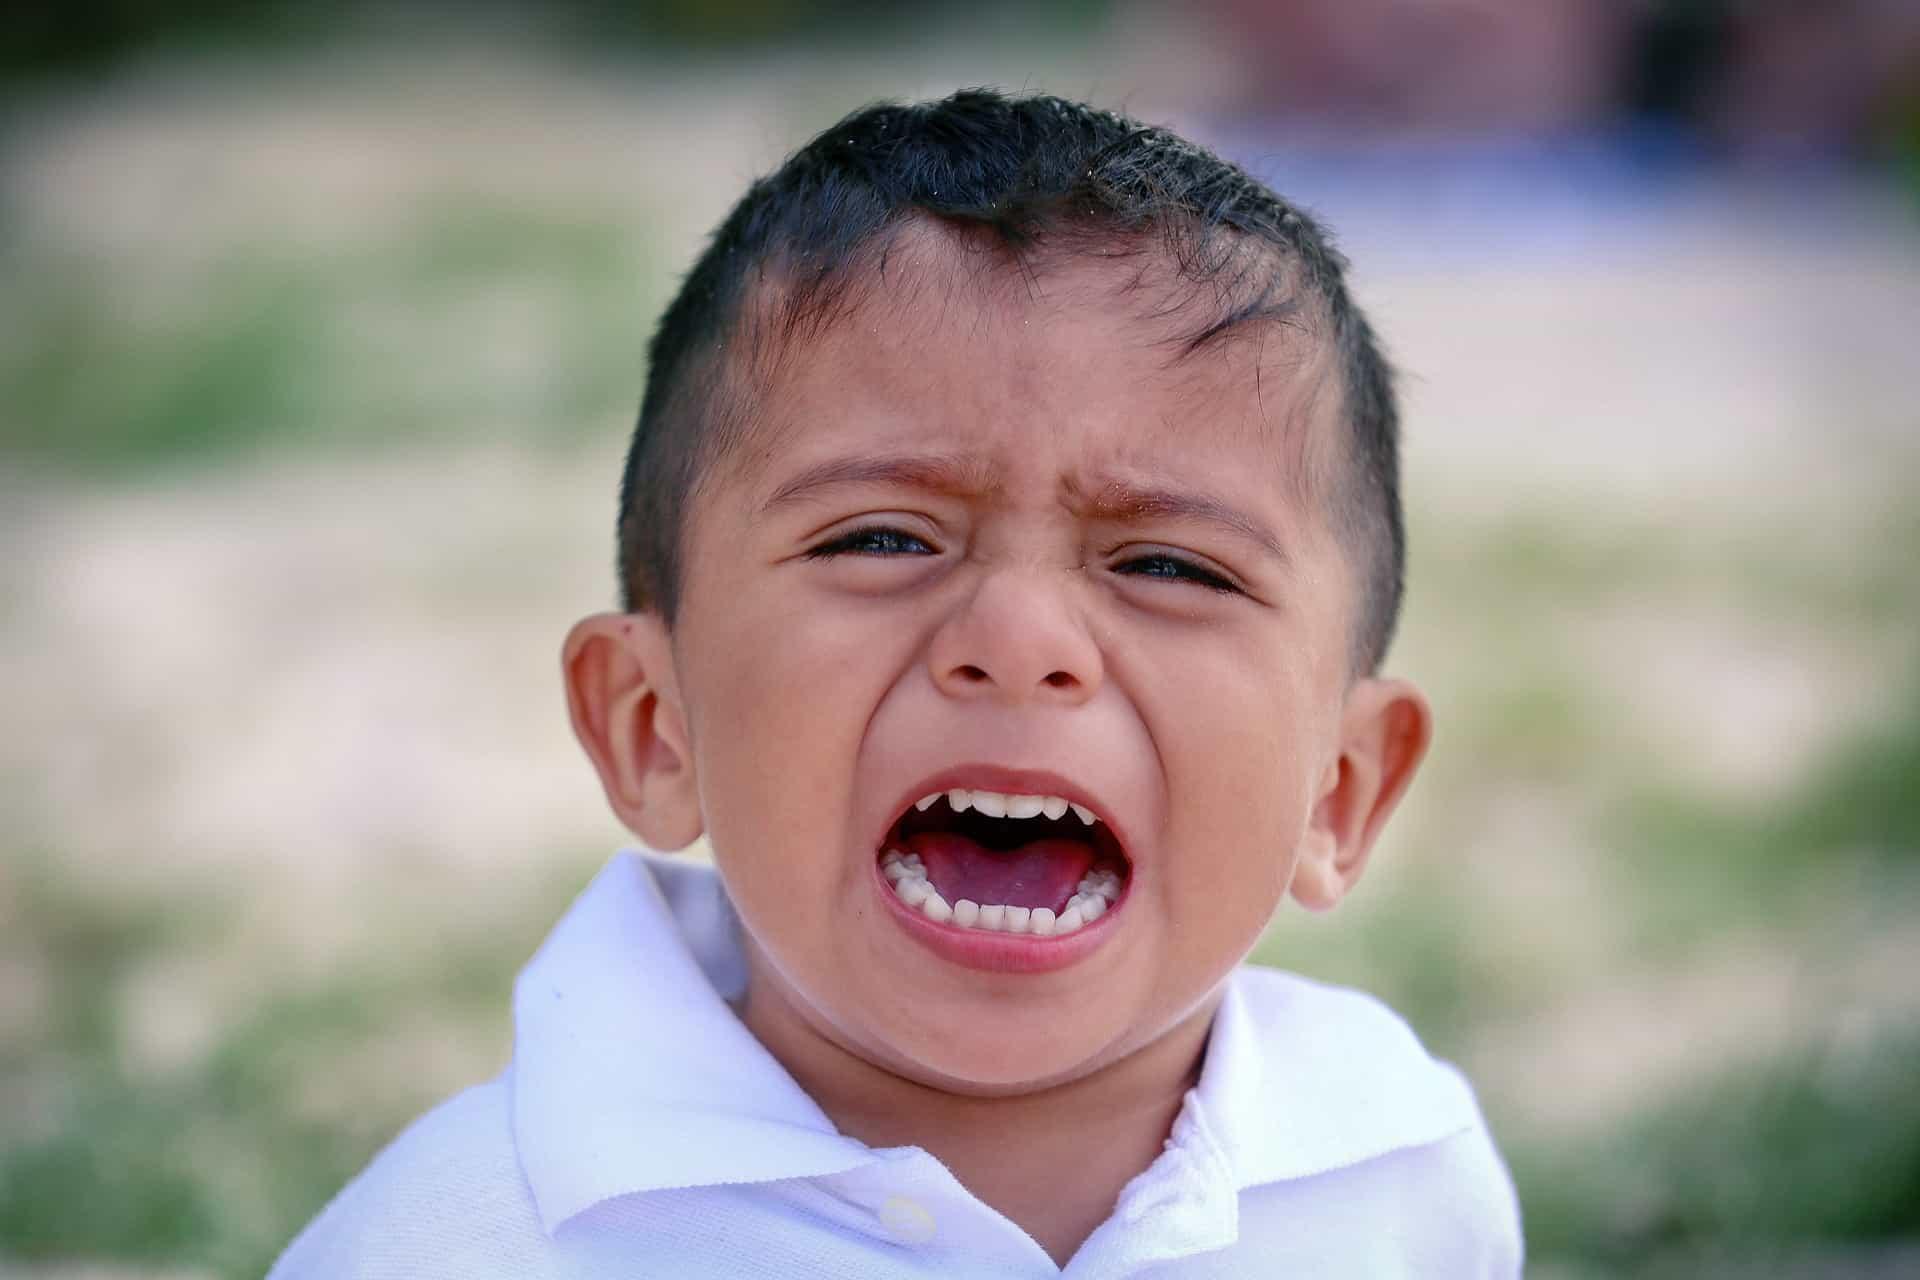 Fontos megnyugtatni a gyermeket, és elmagyarázni ellenzésünk okát, ahelyett, hogy magára hagynánk.